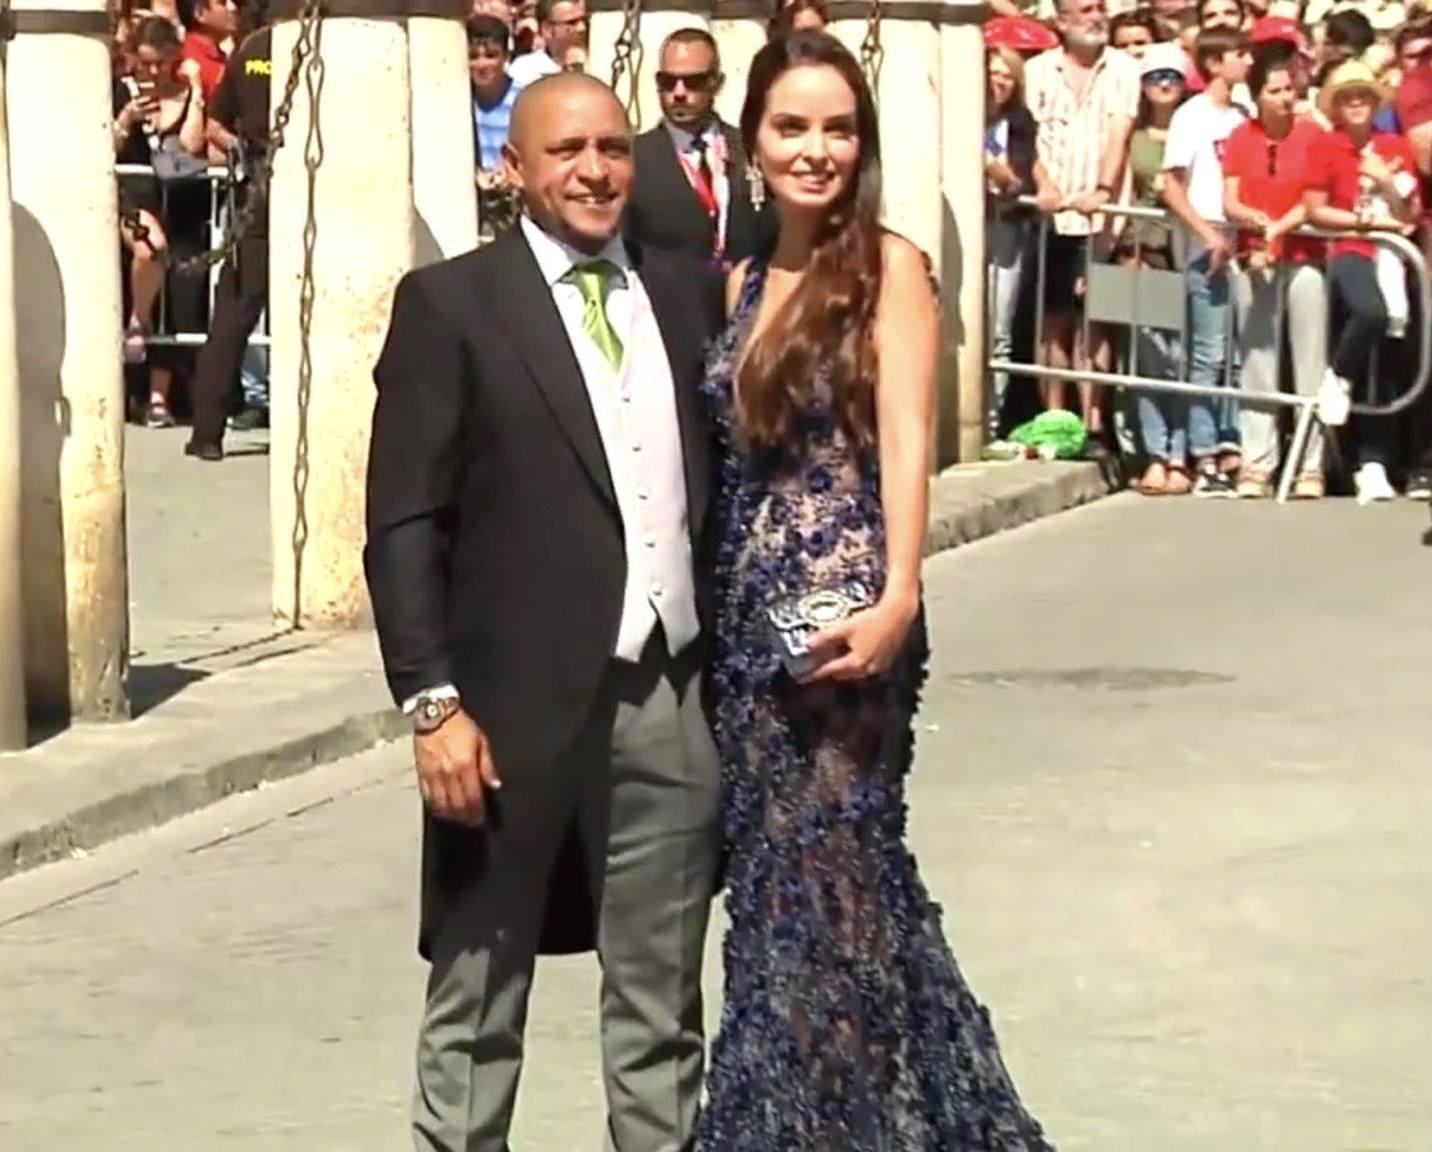 Đám cưới Sergio Ramos - Ảnh - Bóng Đá